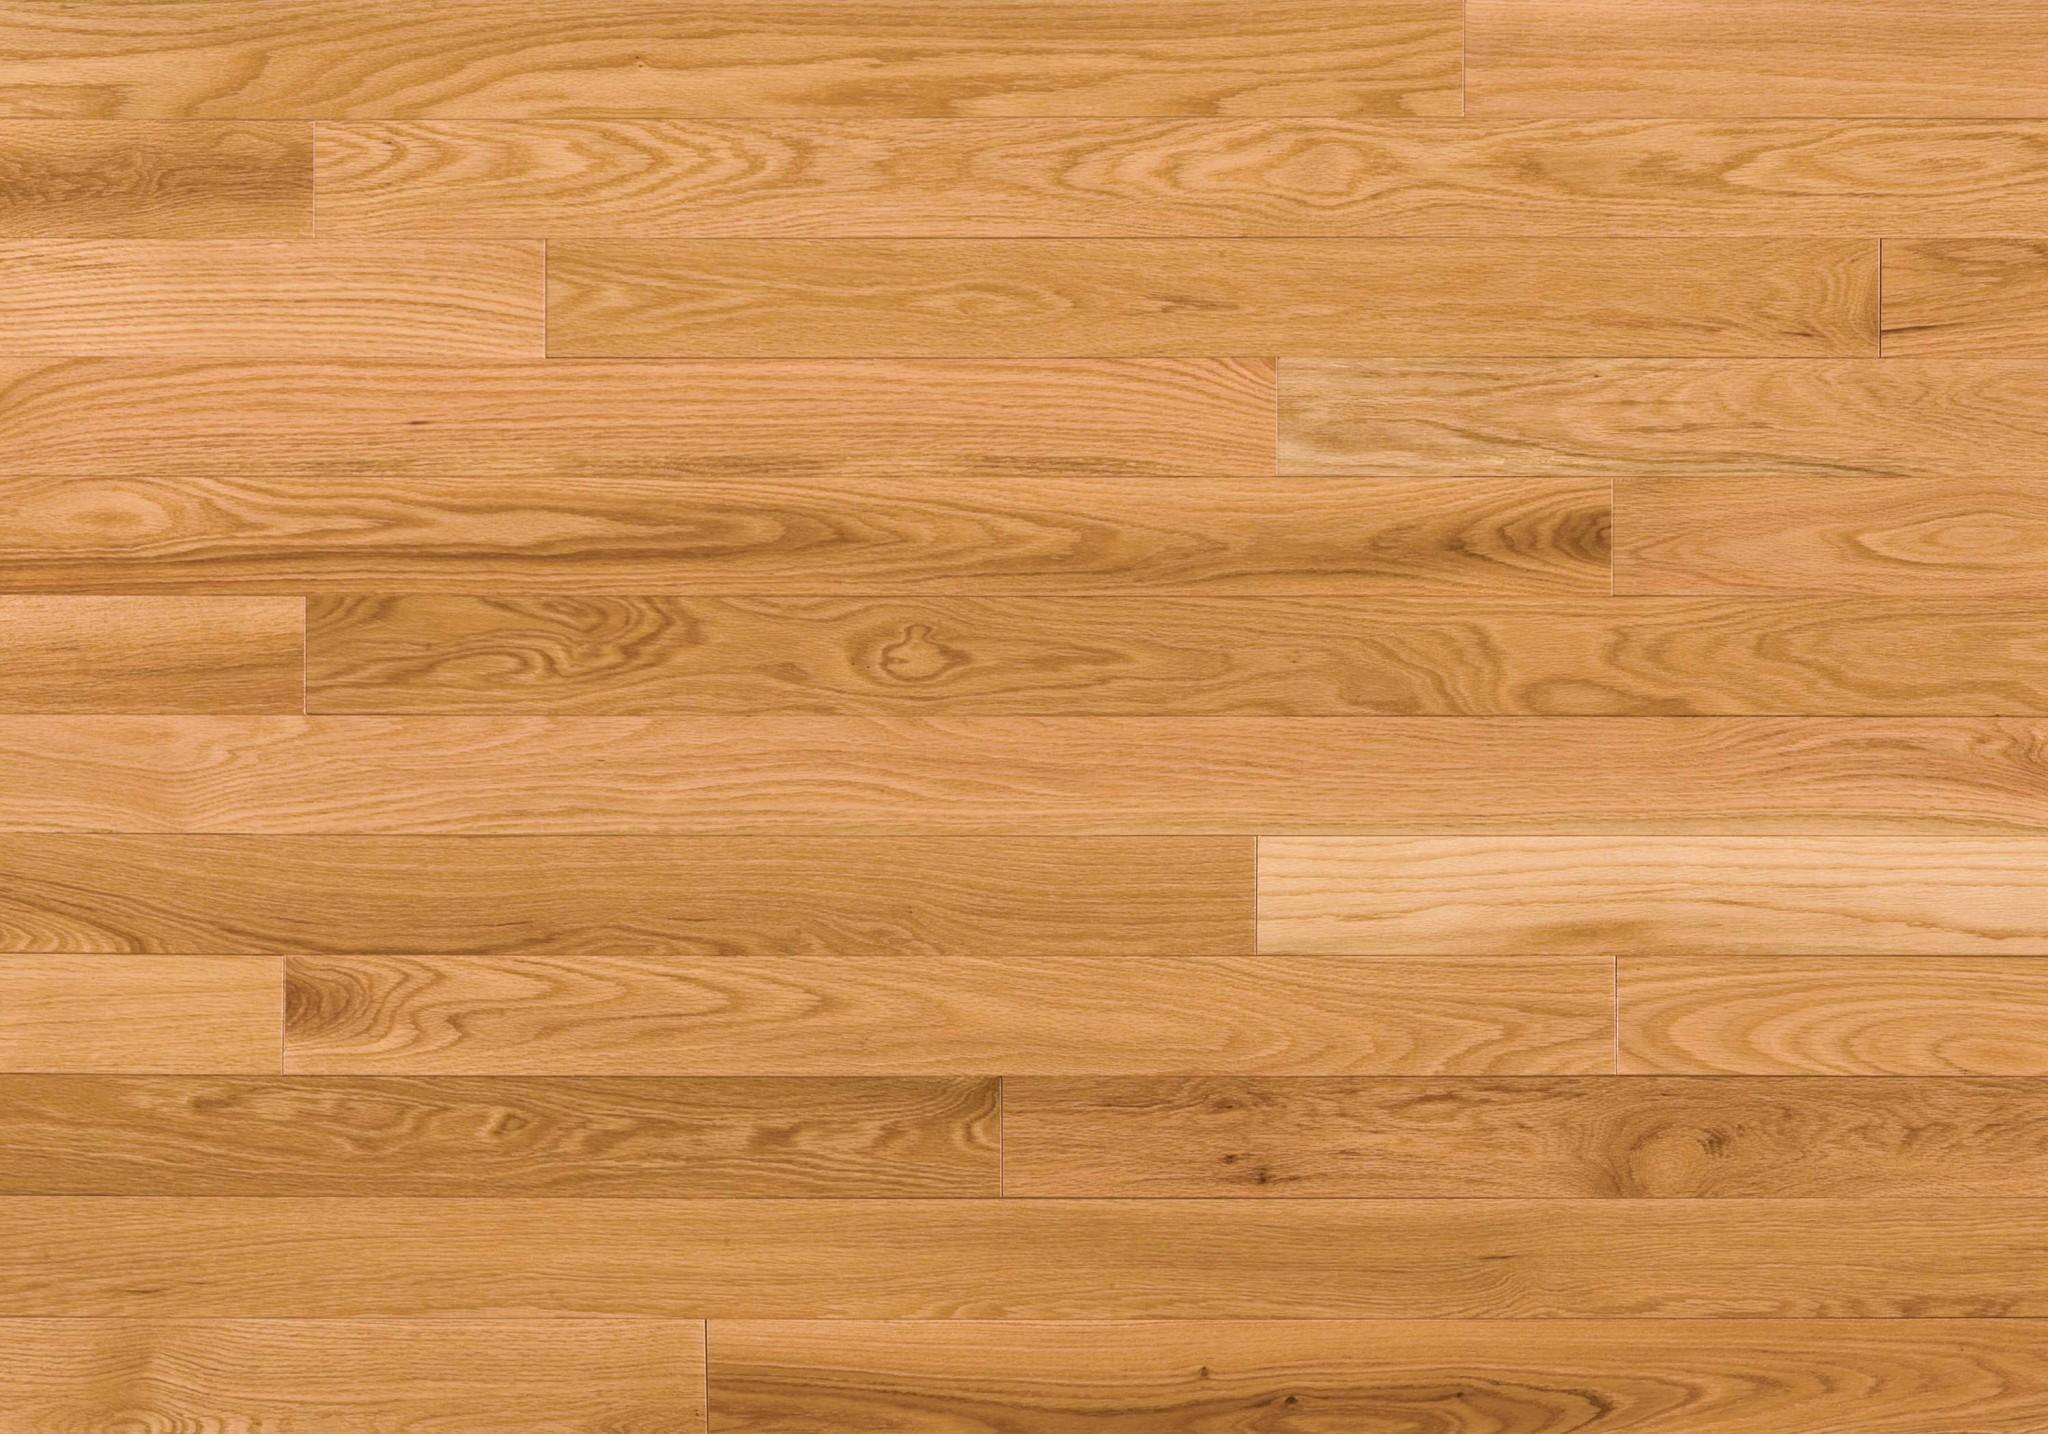 oak floors red ... NUZCCXP